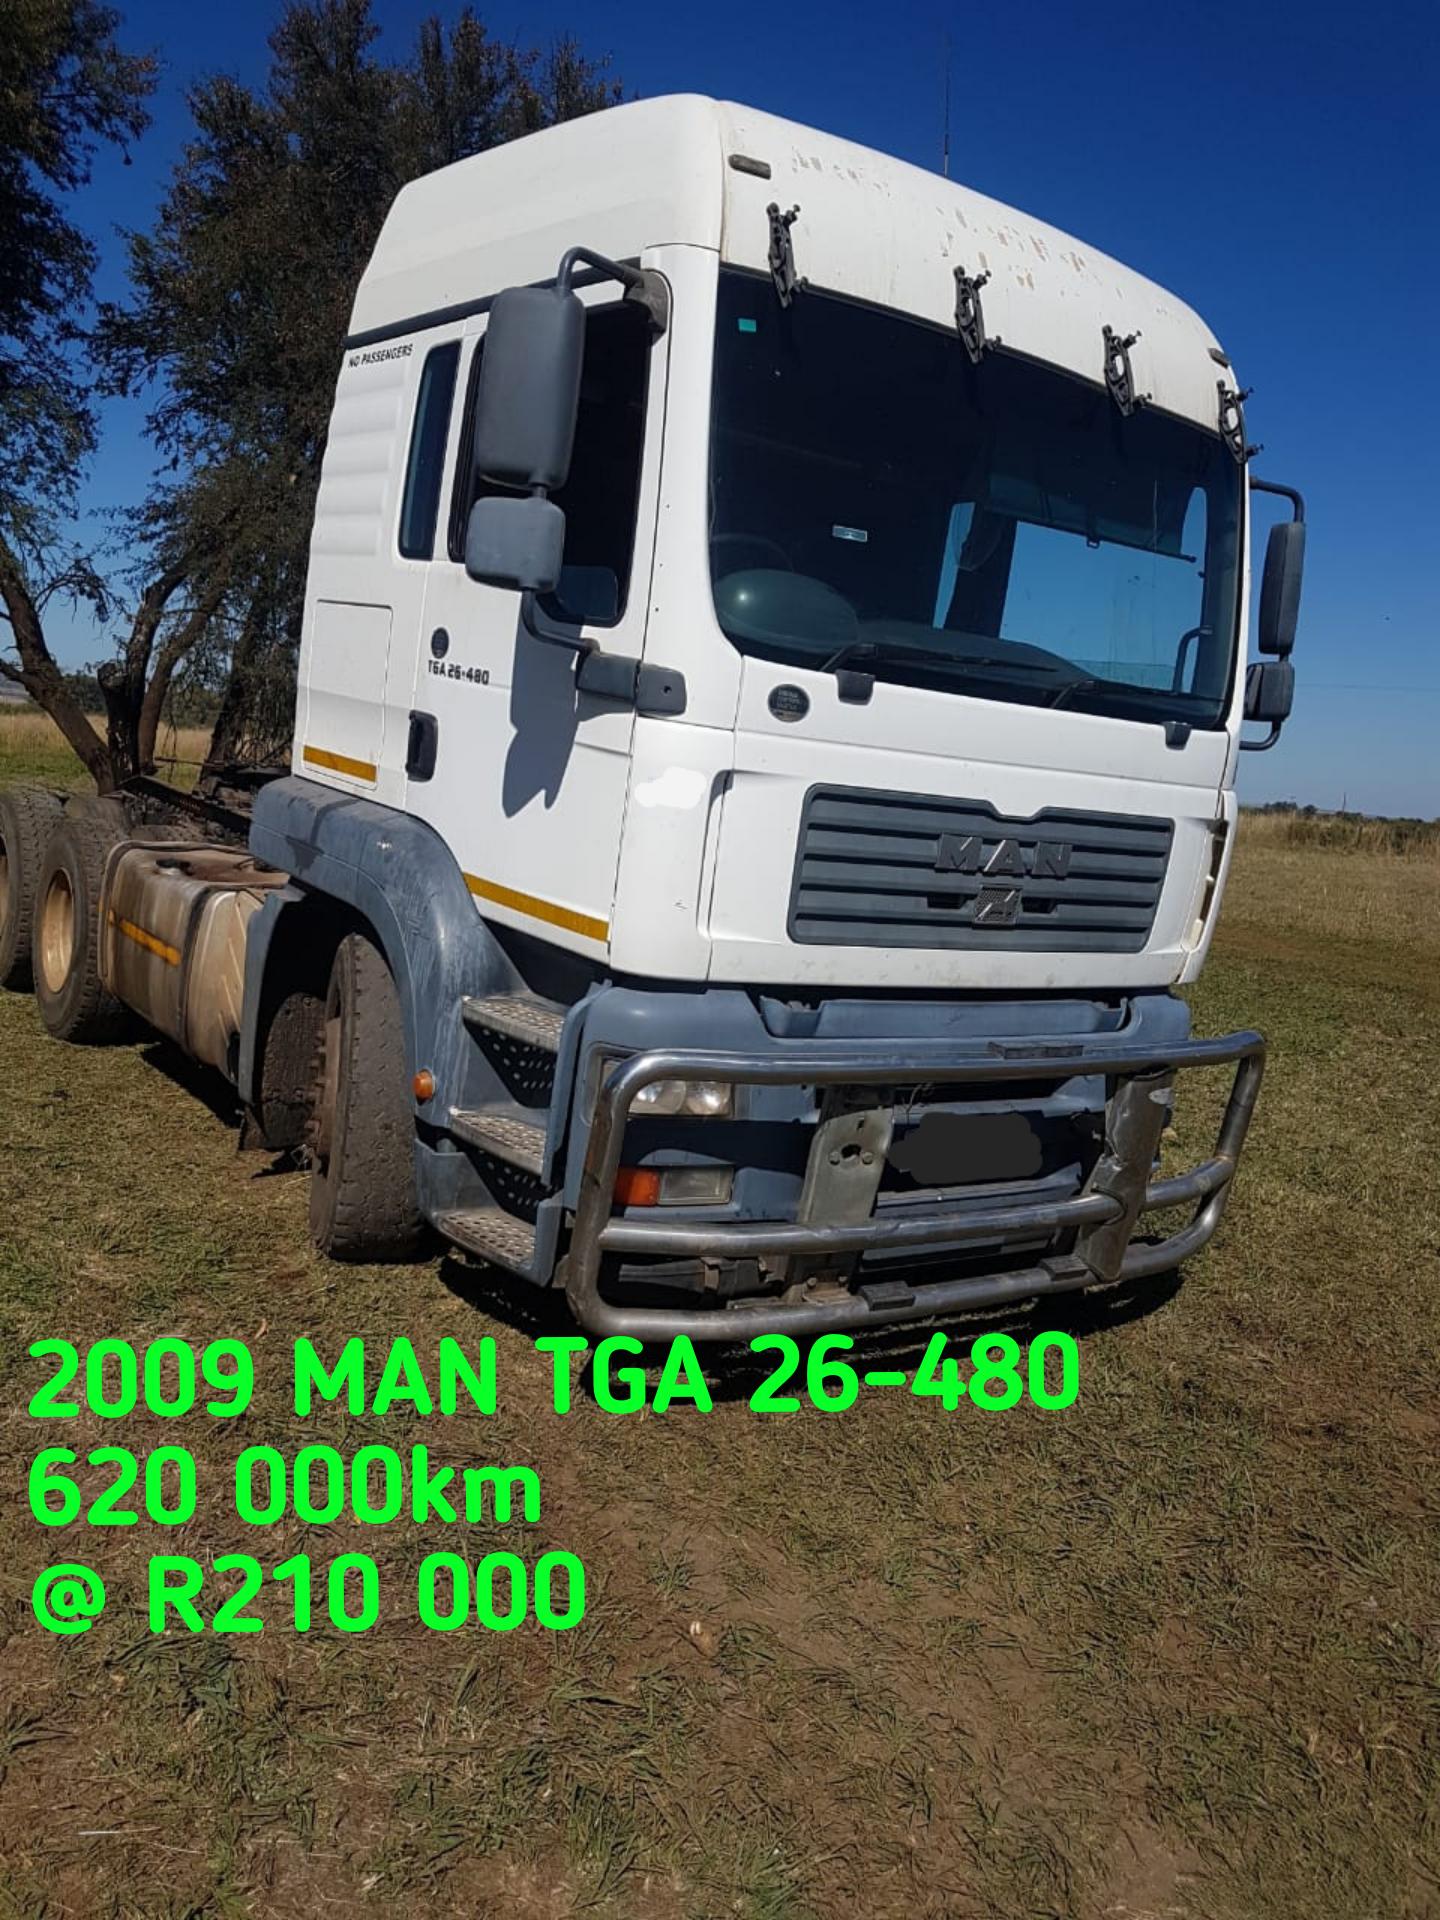 2009 MAN TGA 26-480